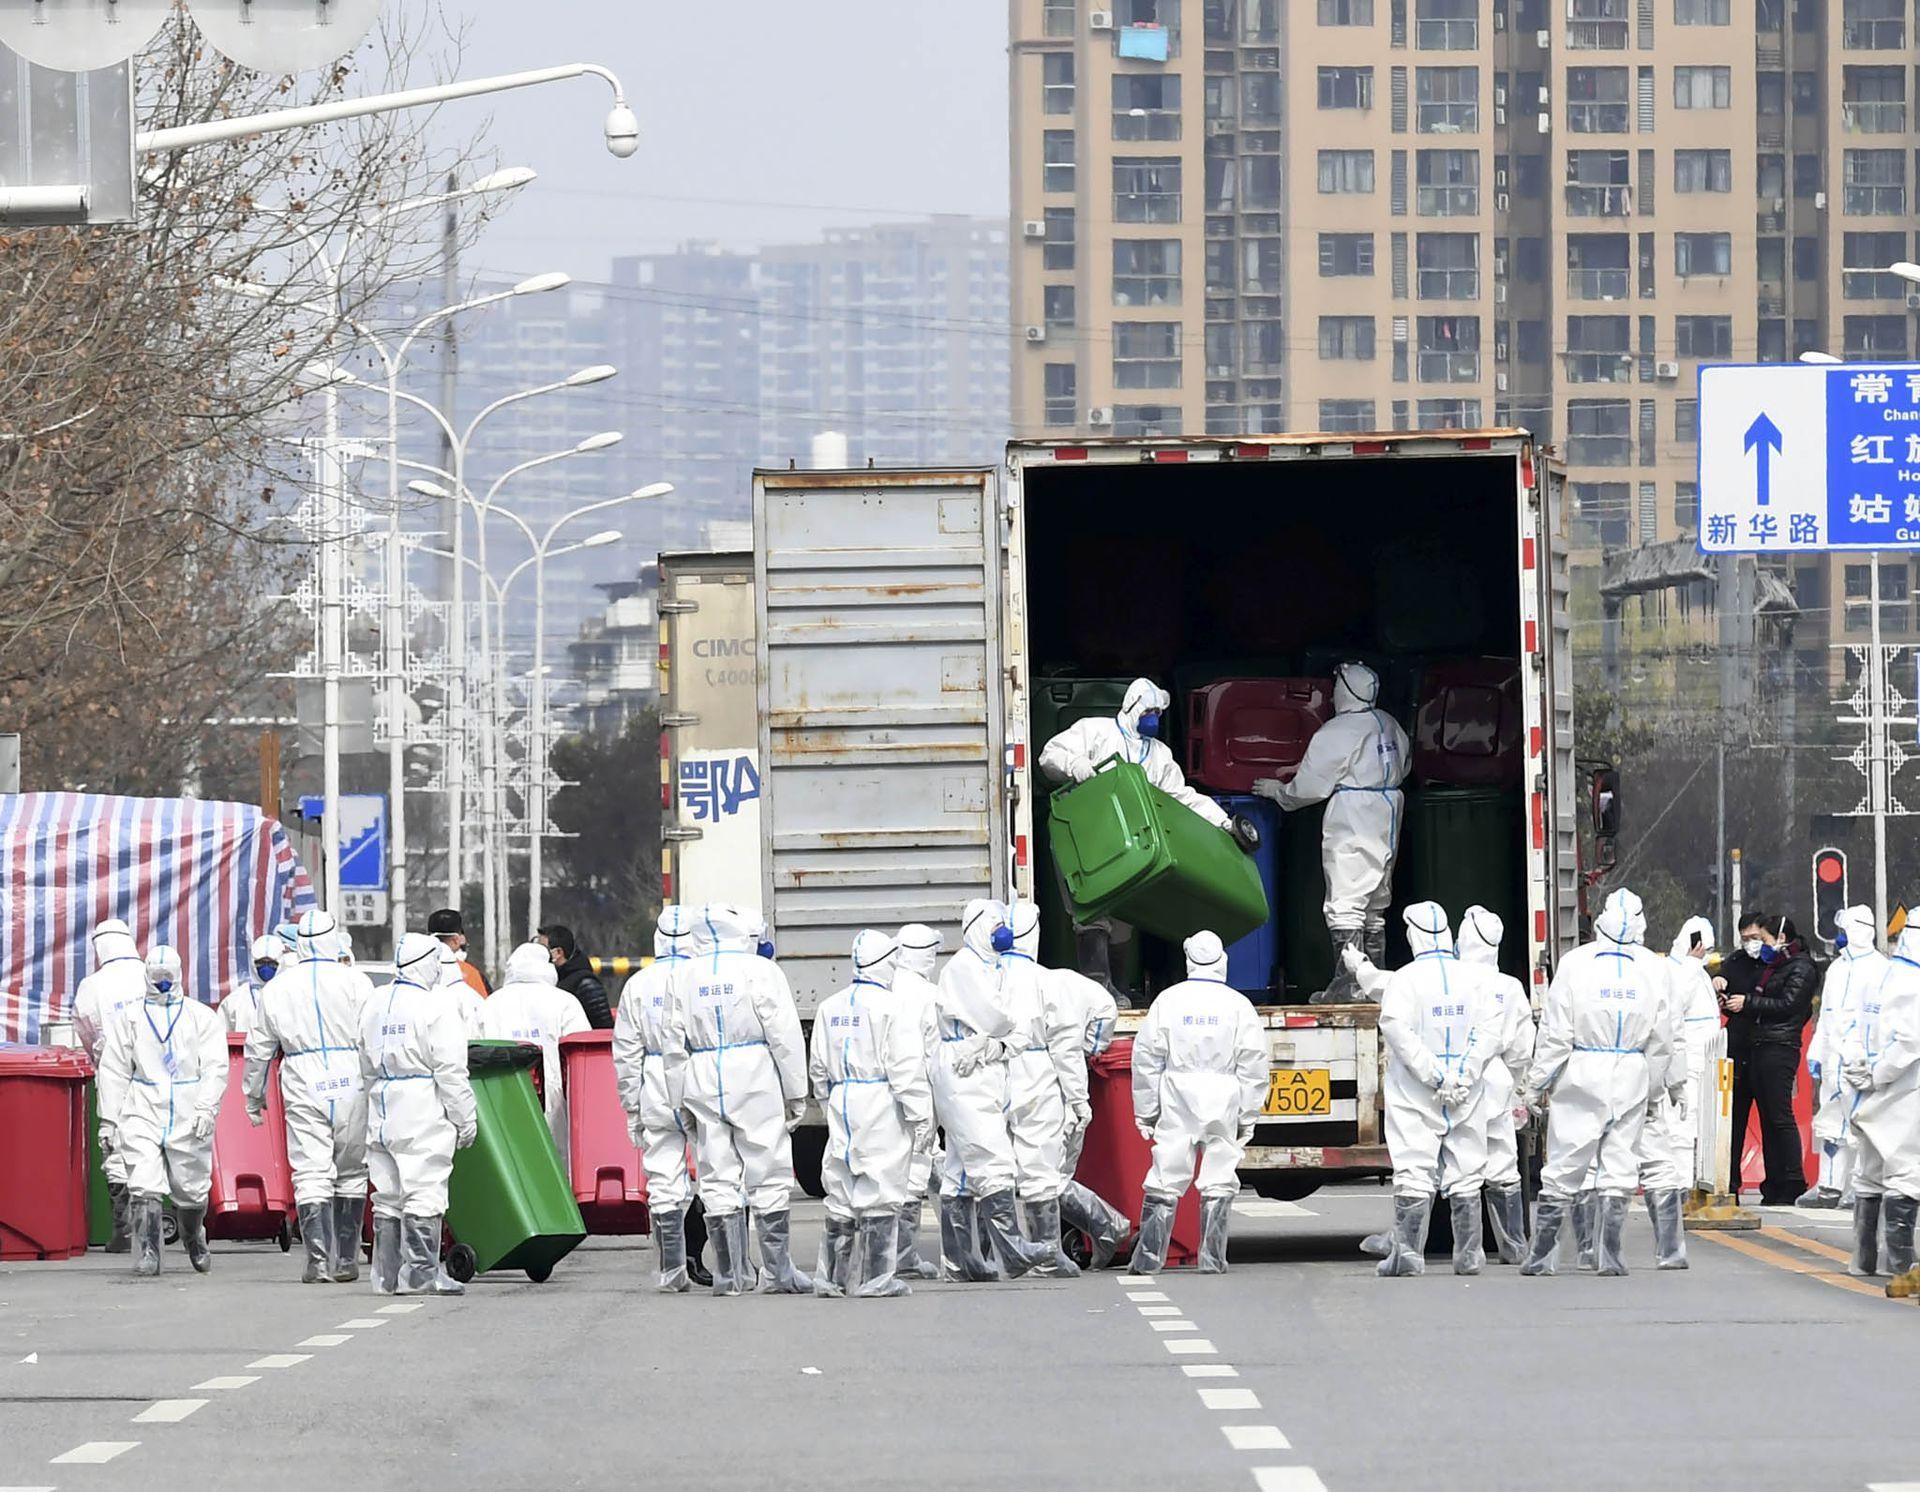 柳叶刀:武汉人群6.9%抗体阳性 是官方公布人数15倍